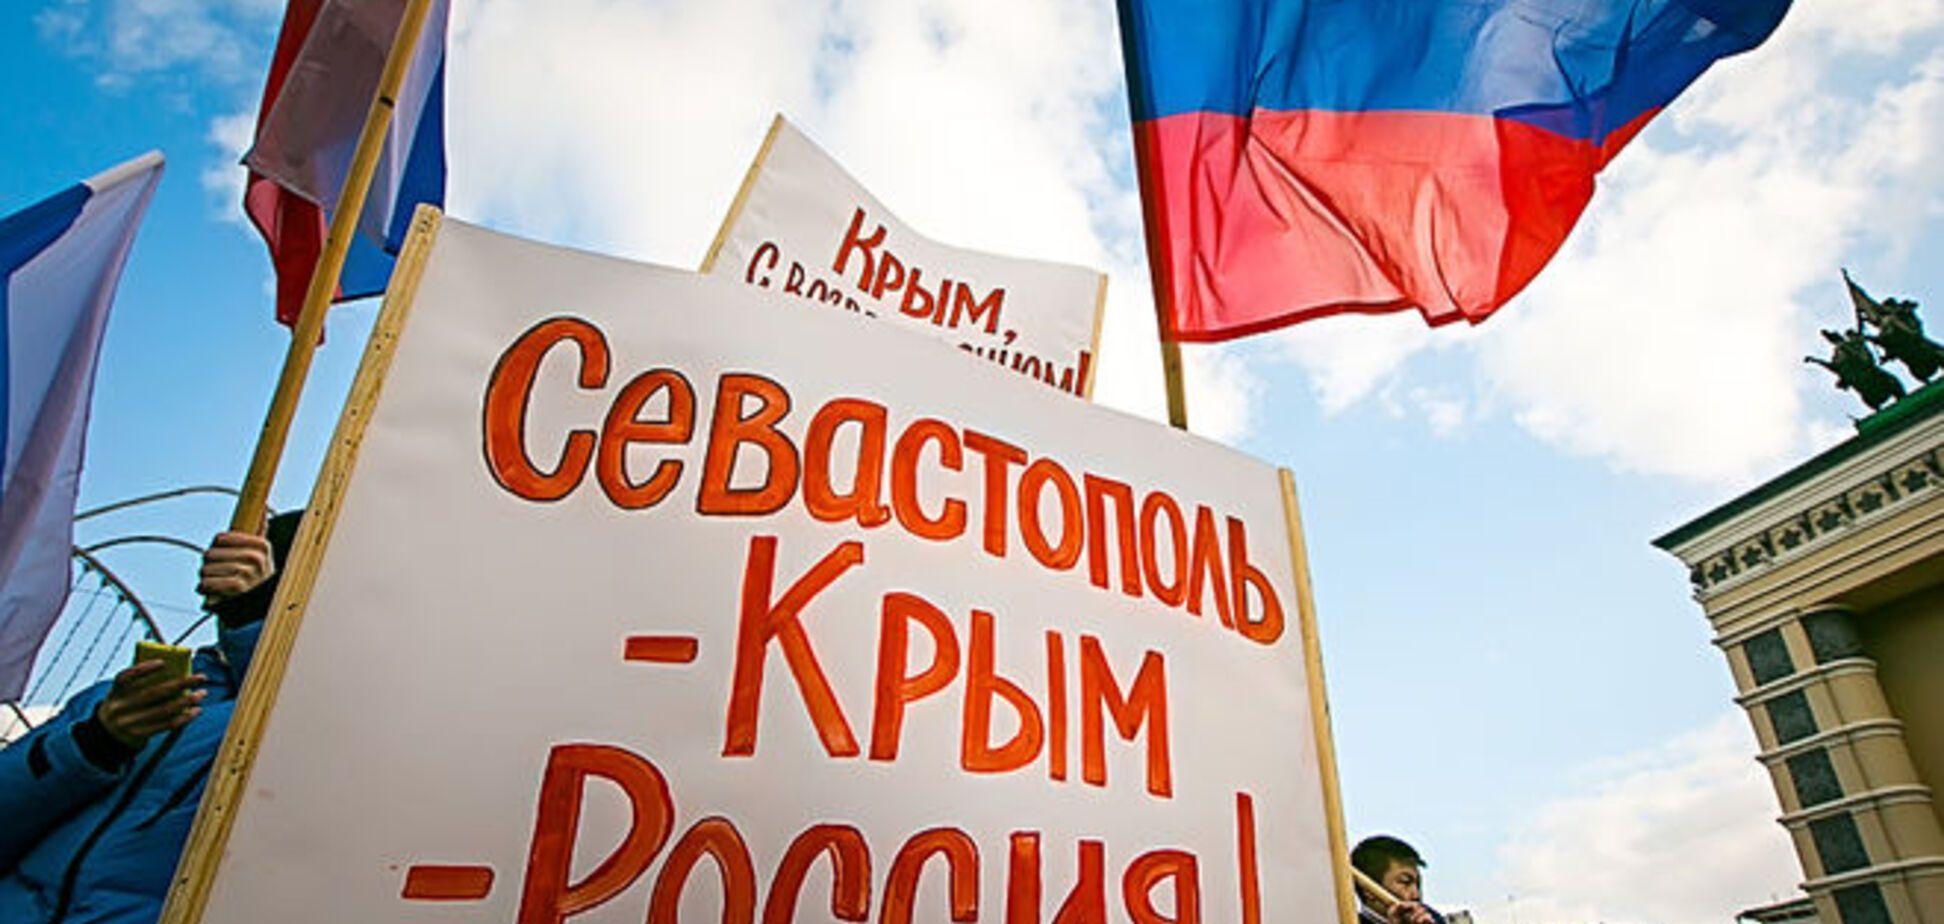 'Кримнаш' став неважливим: Путін ліквідував 'МінКрим' у Росії